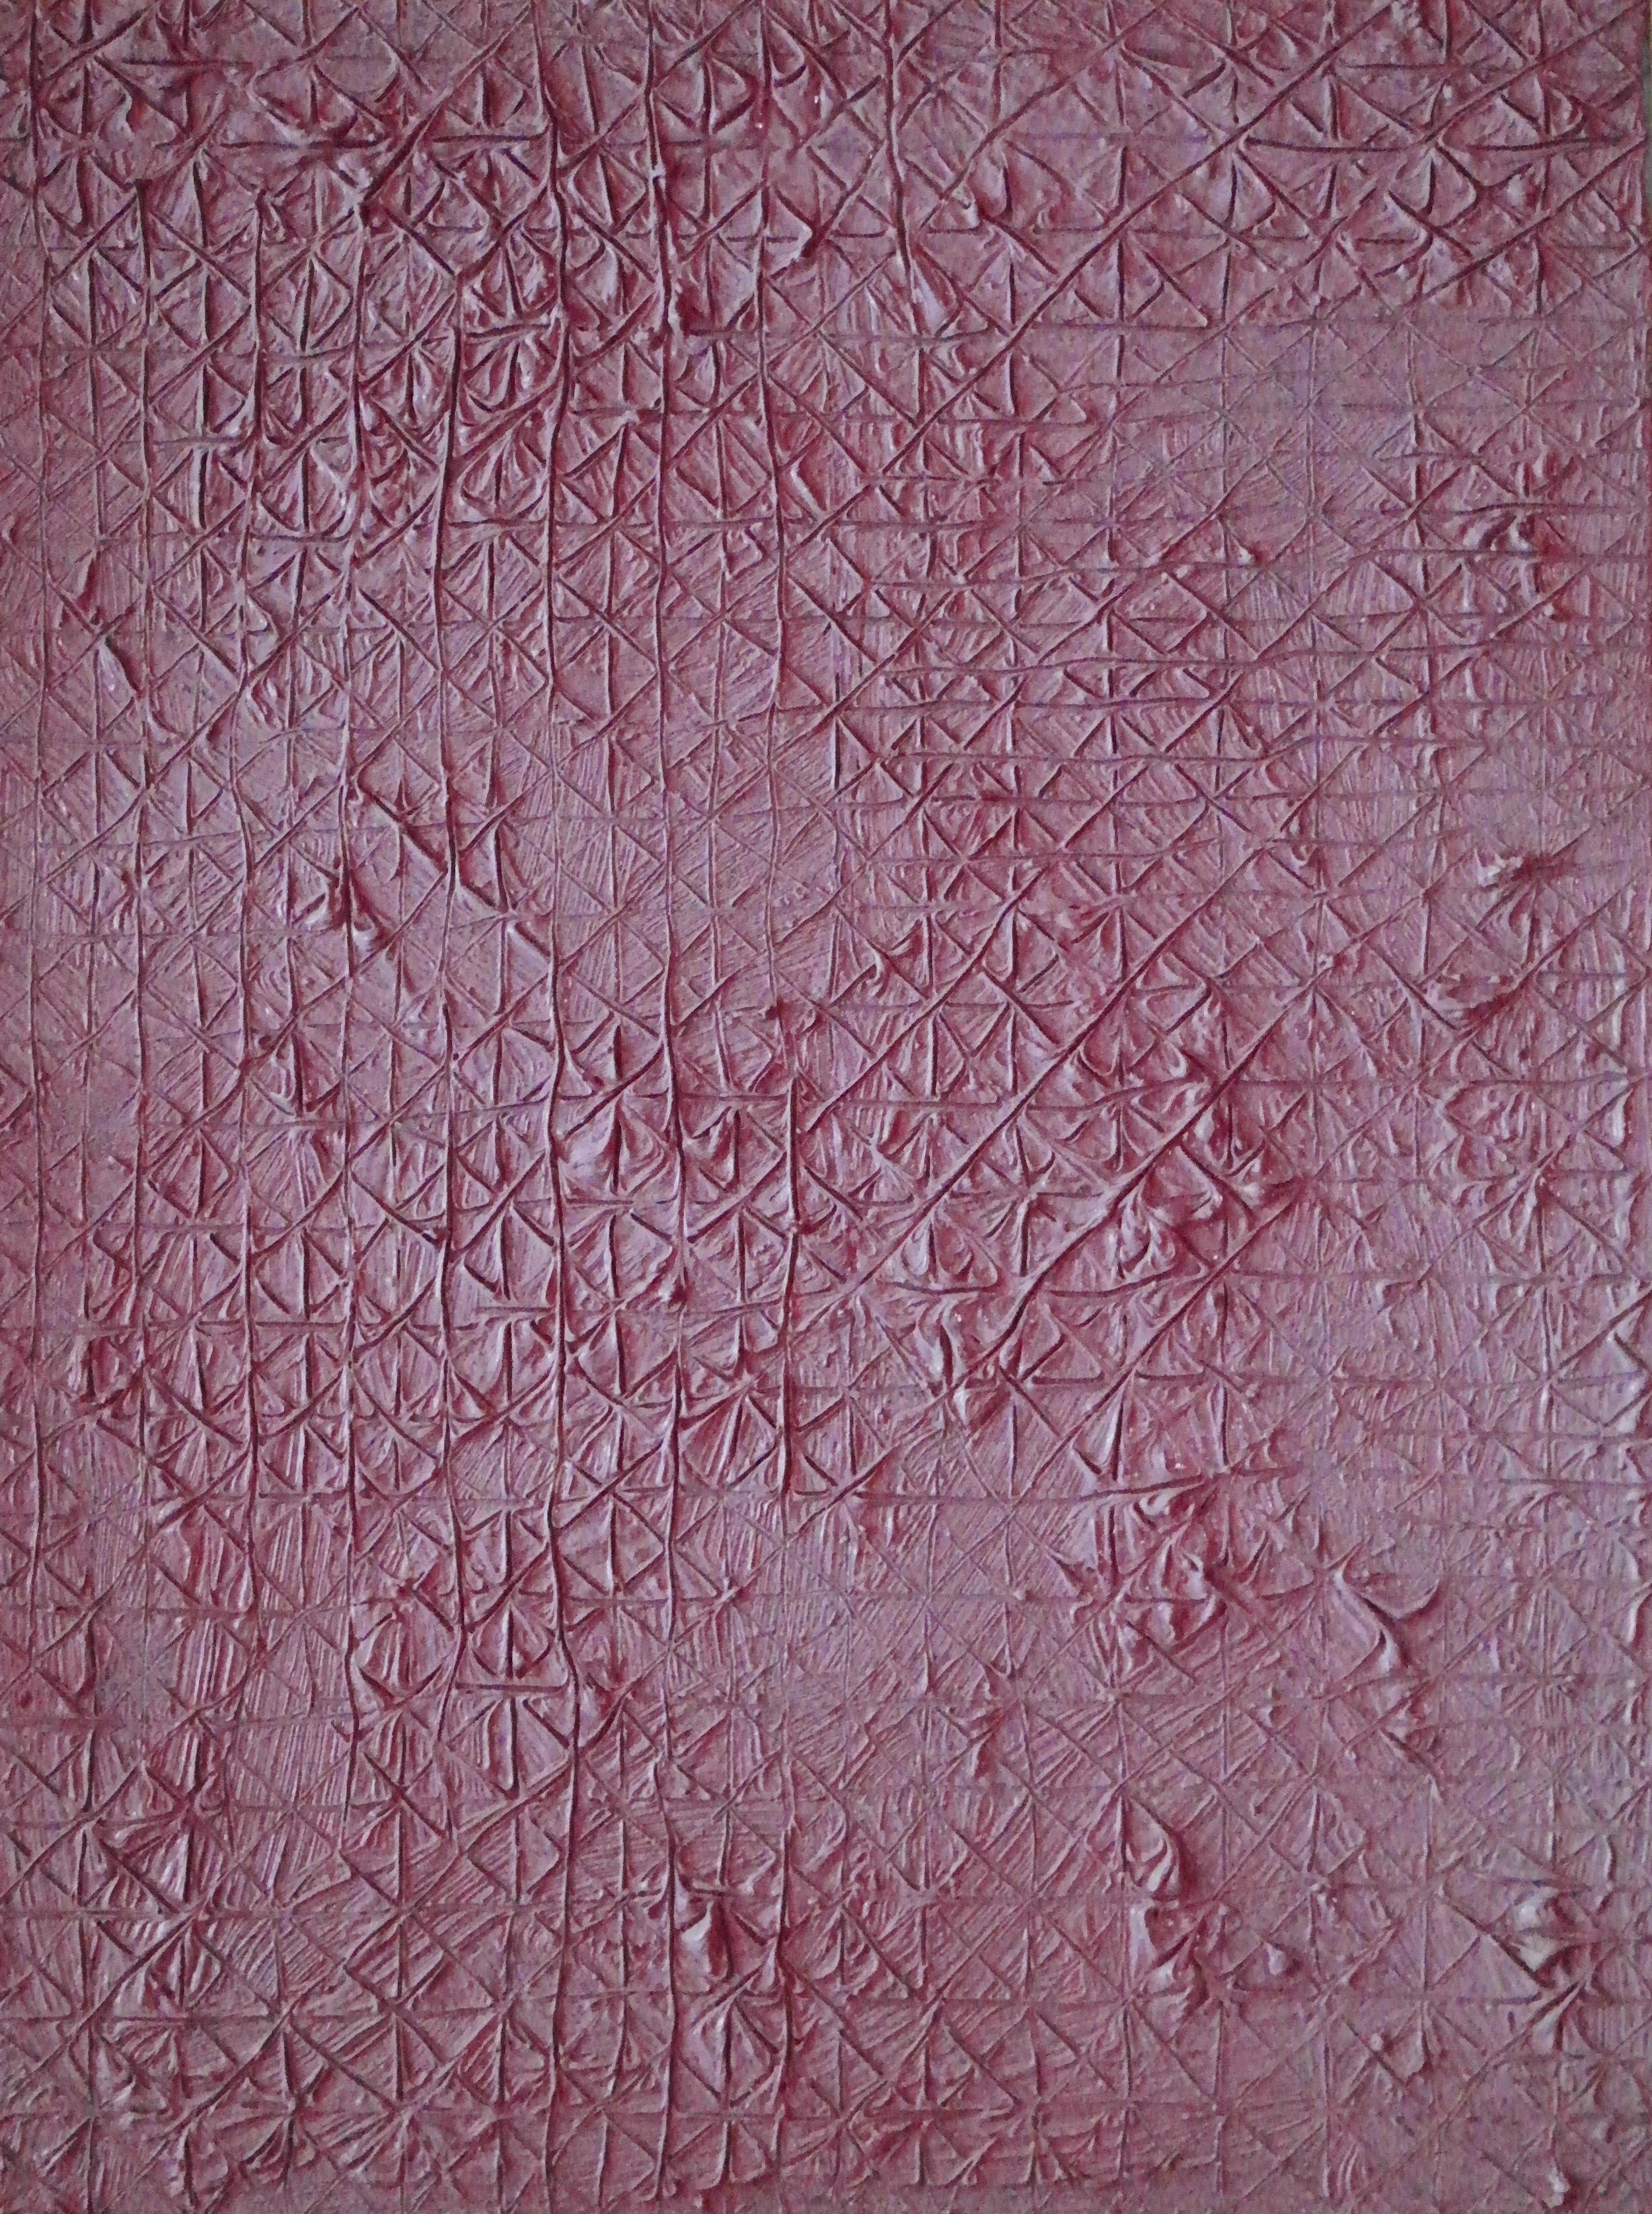 Mater nr. 3, 2015, ulei pe pânză, 30 x 40 cm